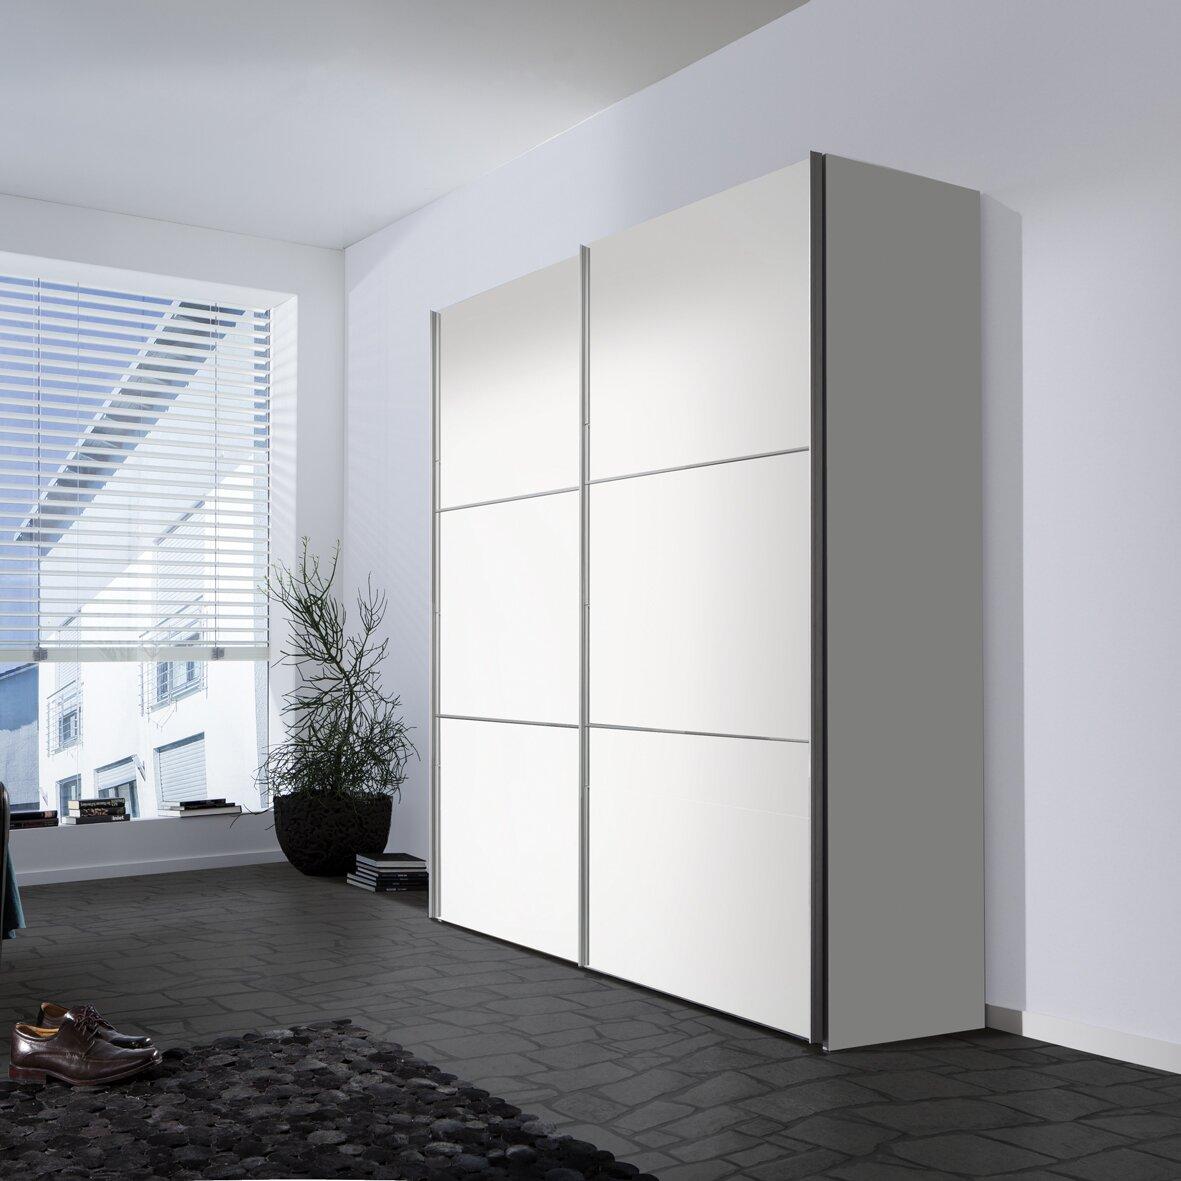 schwebet renschrank 1 50 m breit wohn design. Black Bedroom Furniture Sets. Home Design Ideas